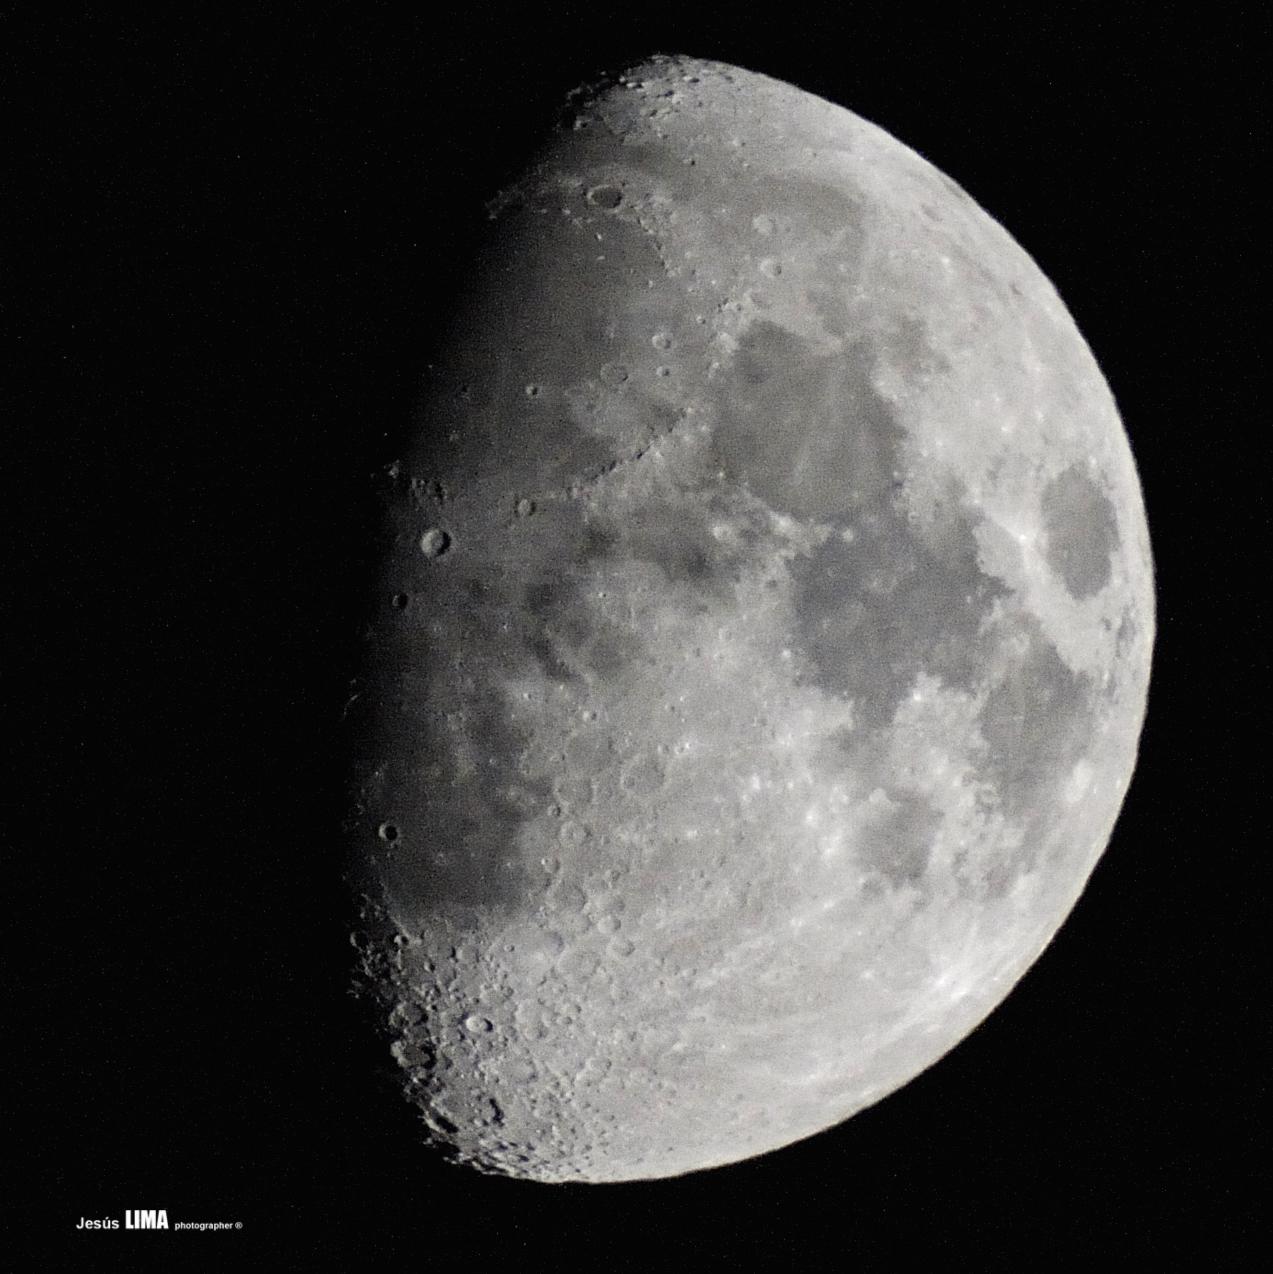 Jes s lima photographer junio 2012 Estamos en luna menguante